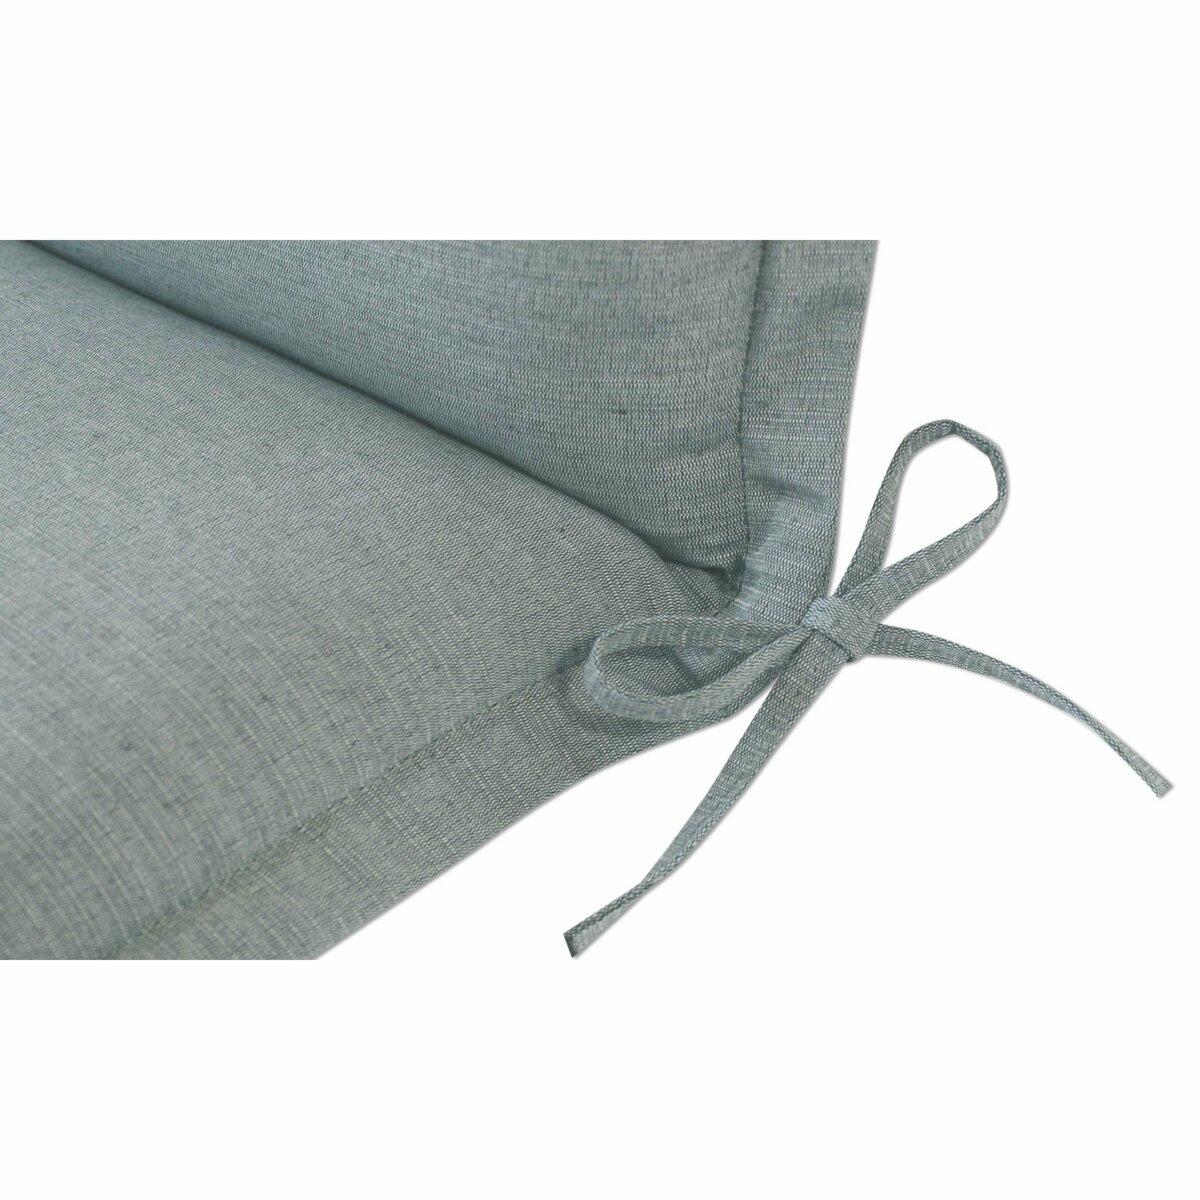 Bild 2 von Deckchair-Auflage   Unico 190 x 50 cm